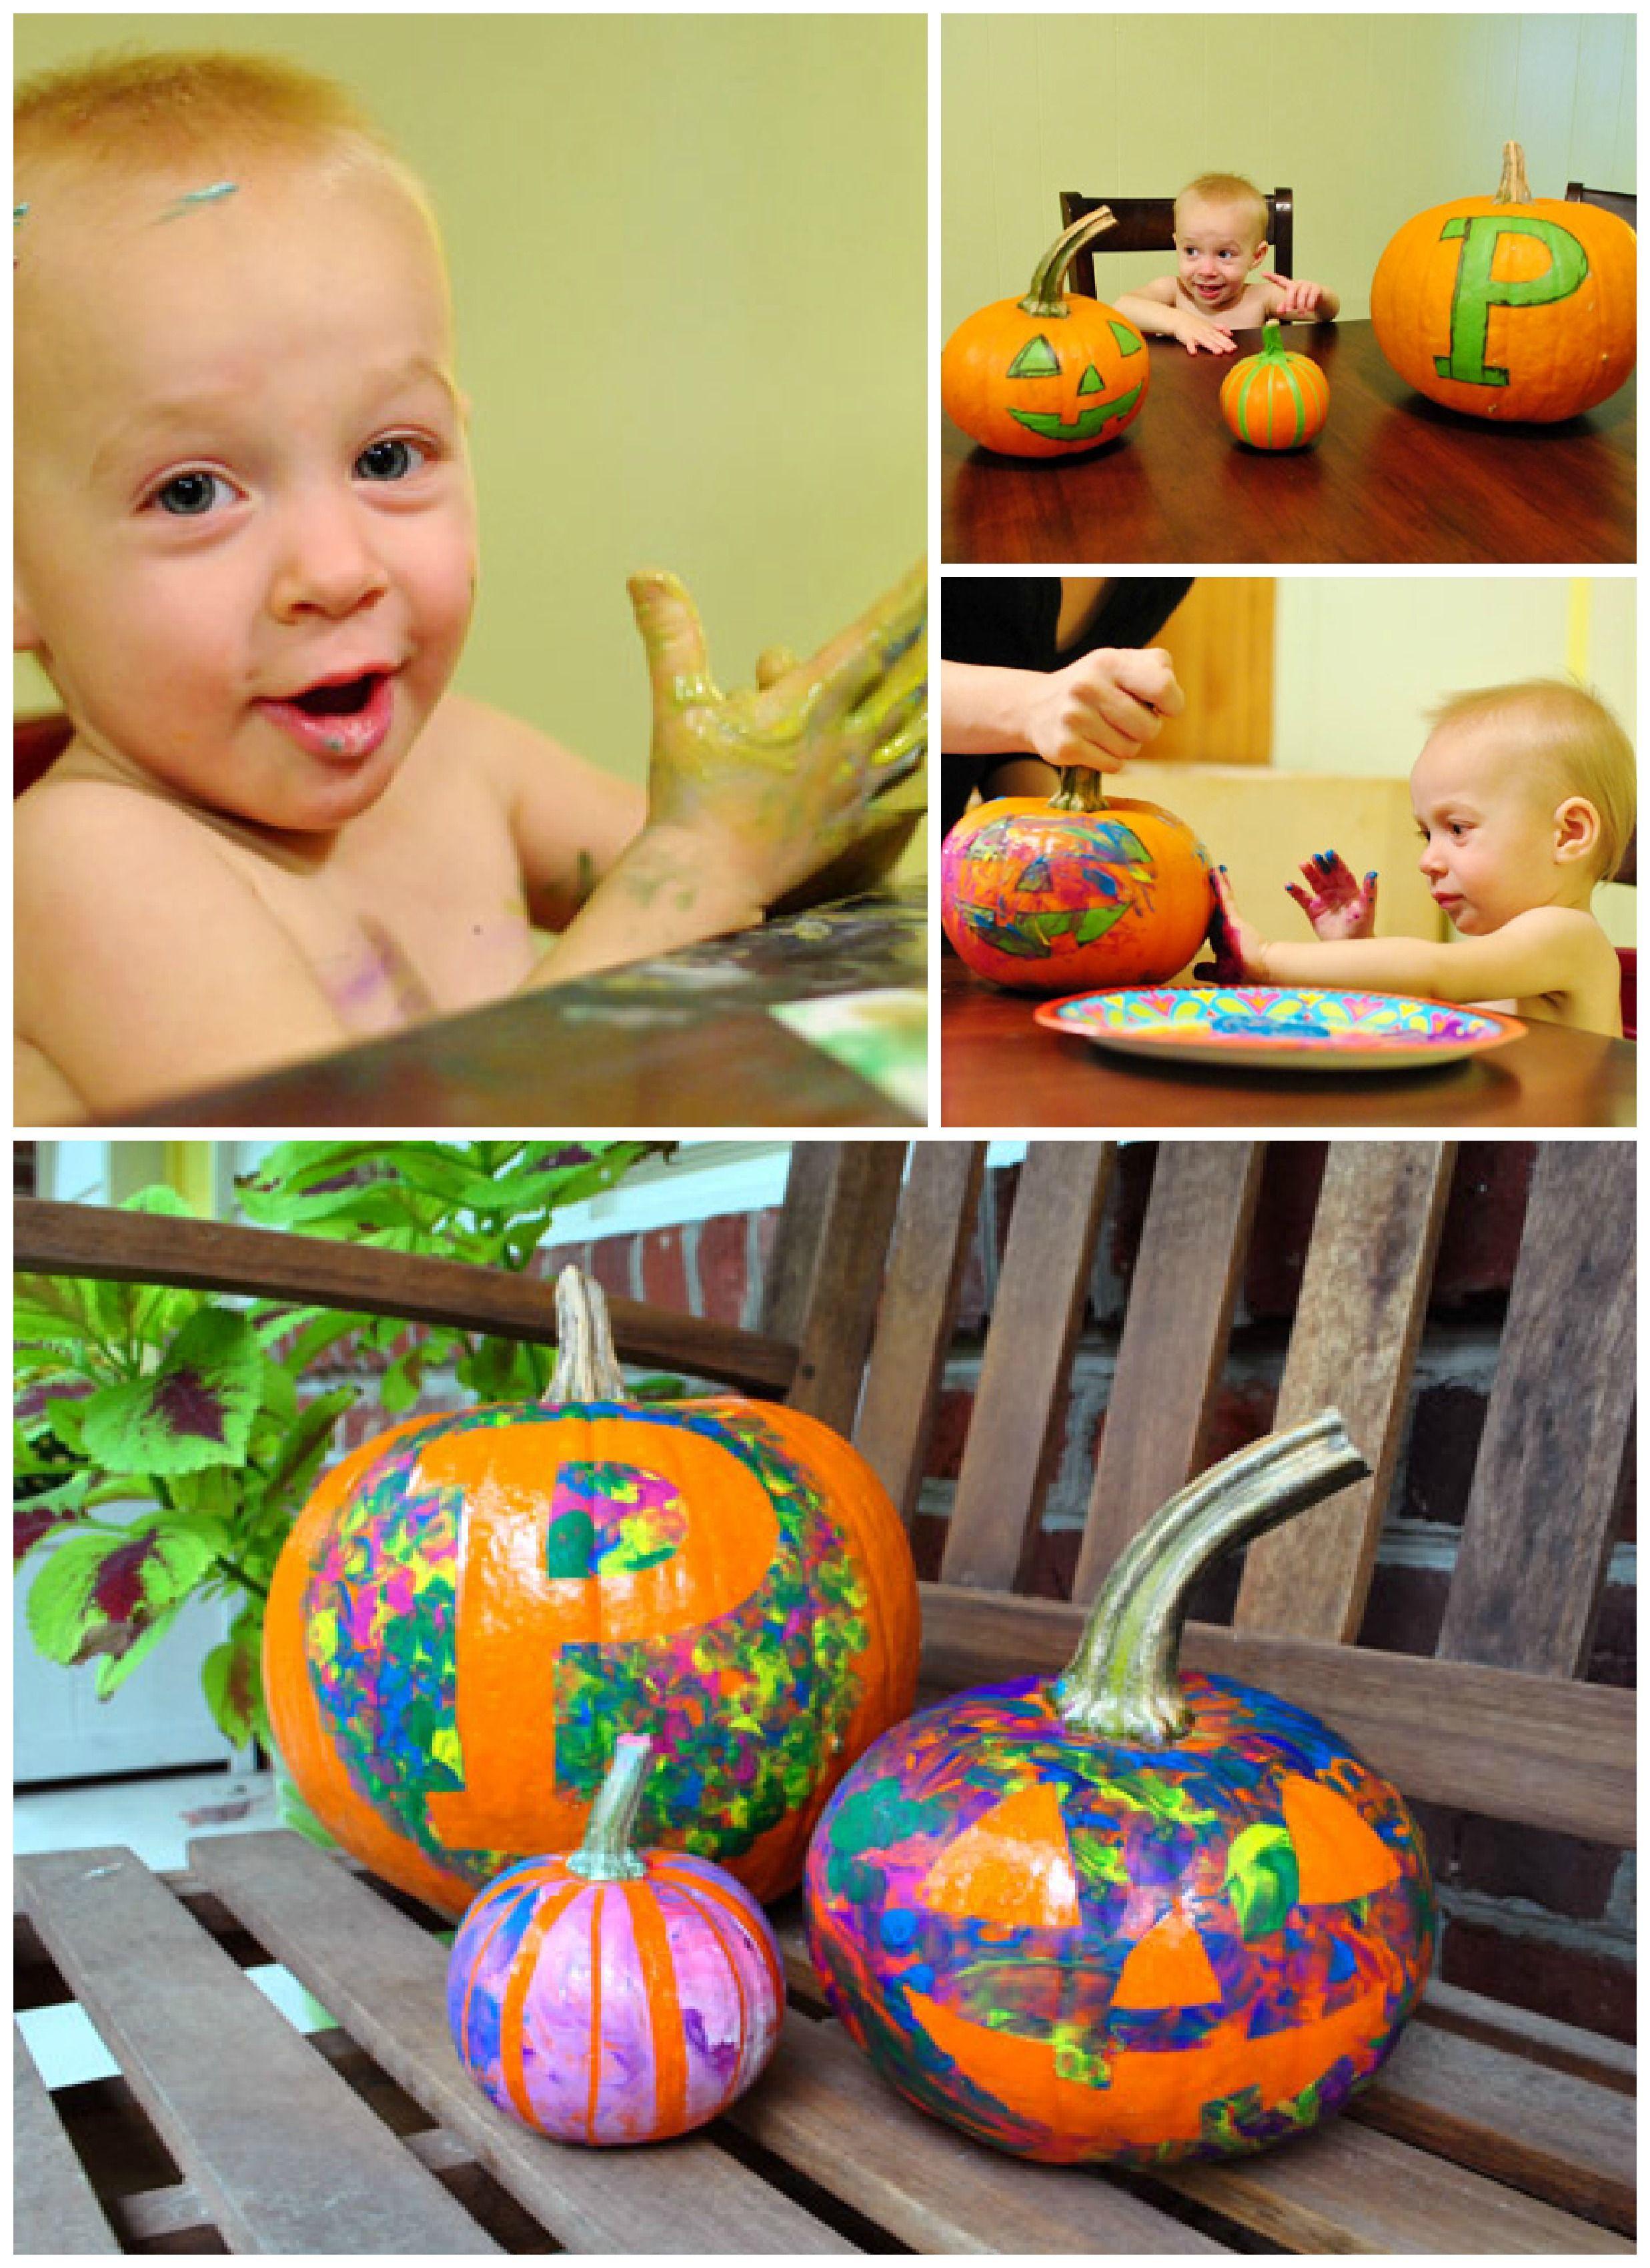 High Resolution Image Kid Design Pumpkin Decorating Ideas 2474x3400 Pumpkin Decorating Ideas For Kids De Halloween Activities Toddler Halloween Halloween Kids